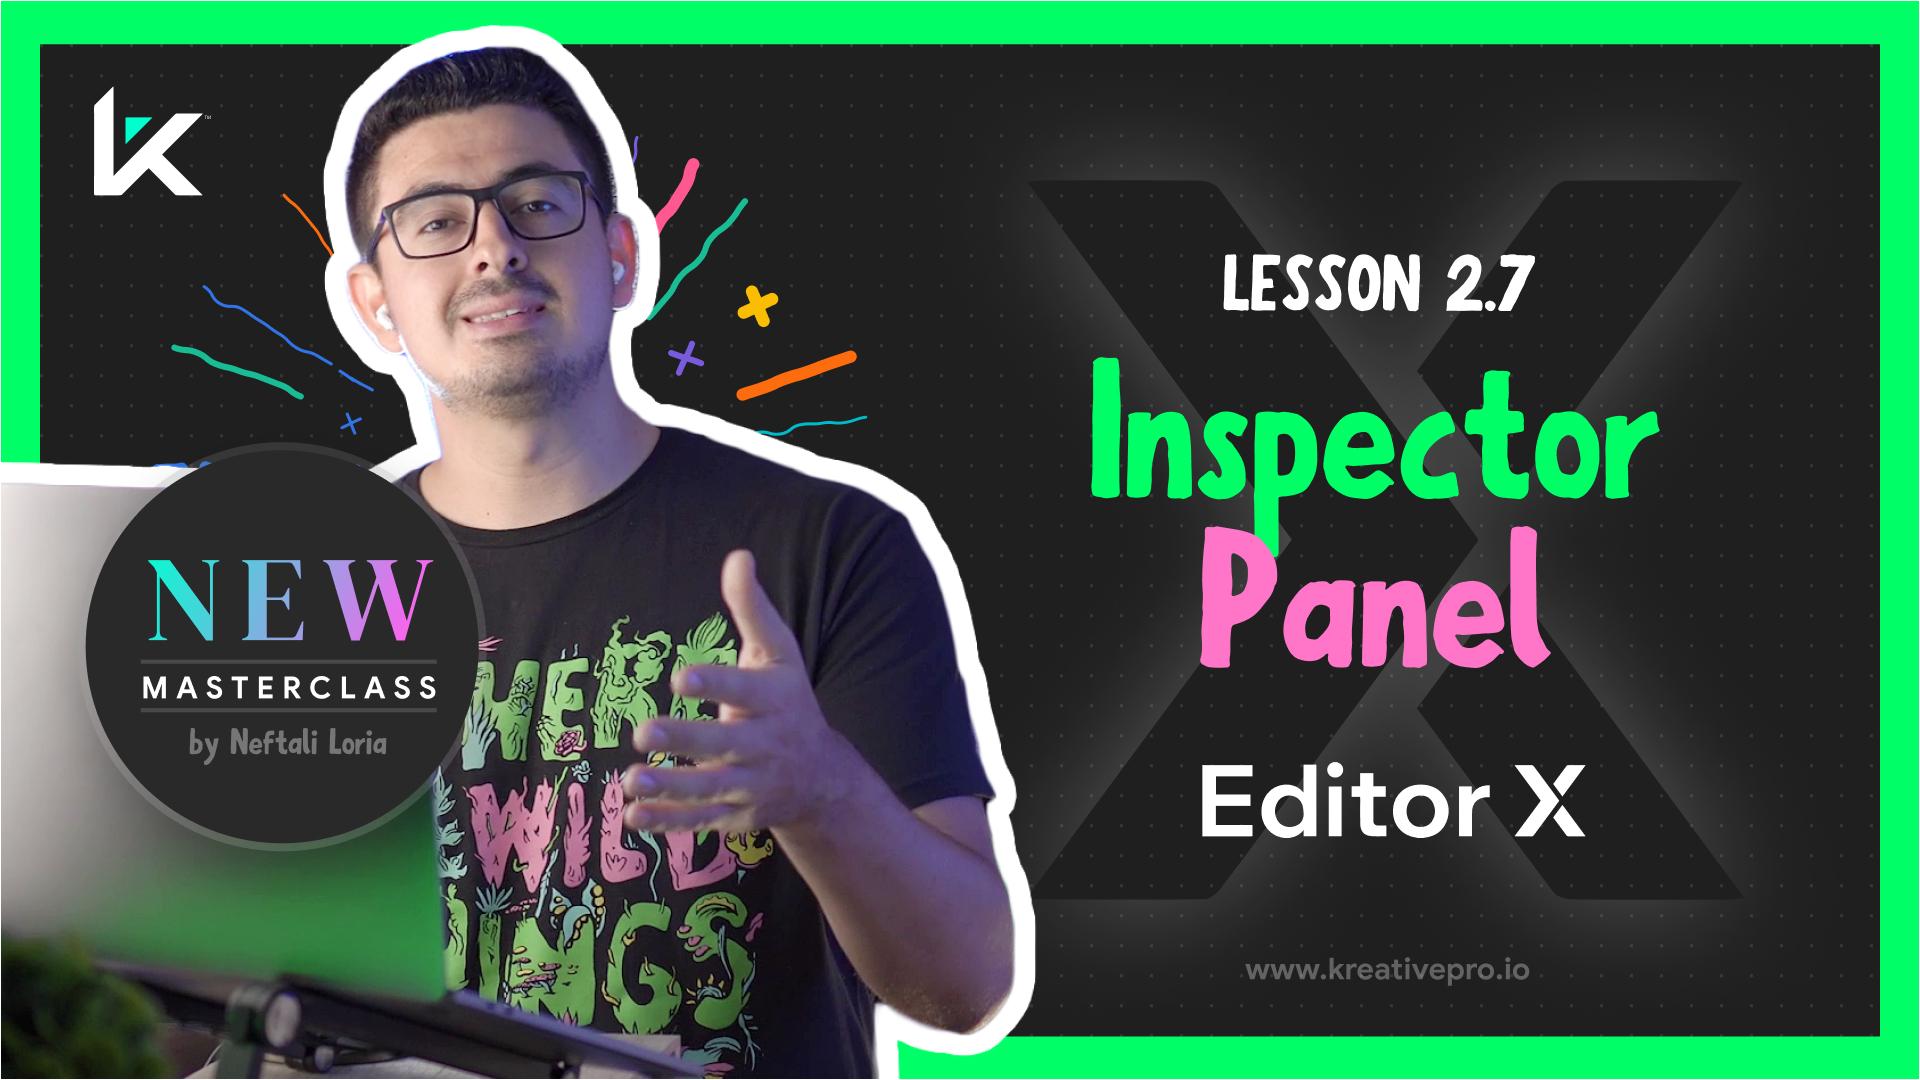 Editor X 2.7 - Editor X Inspector Panel